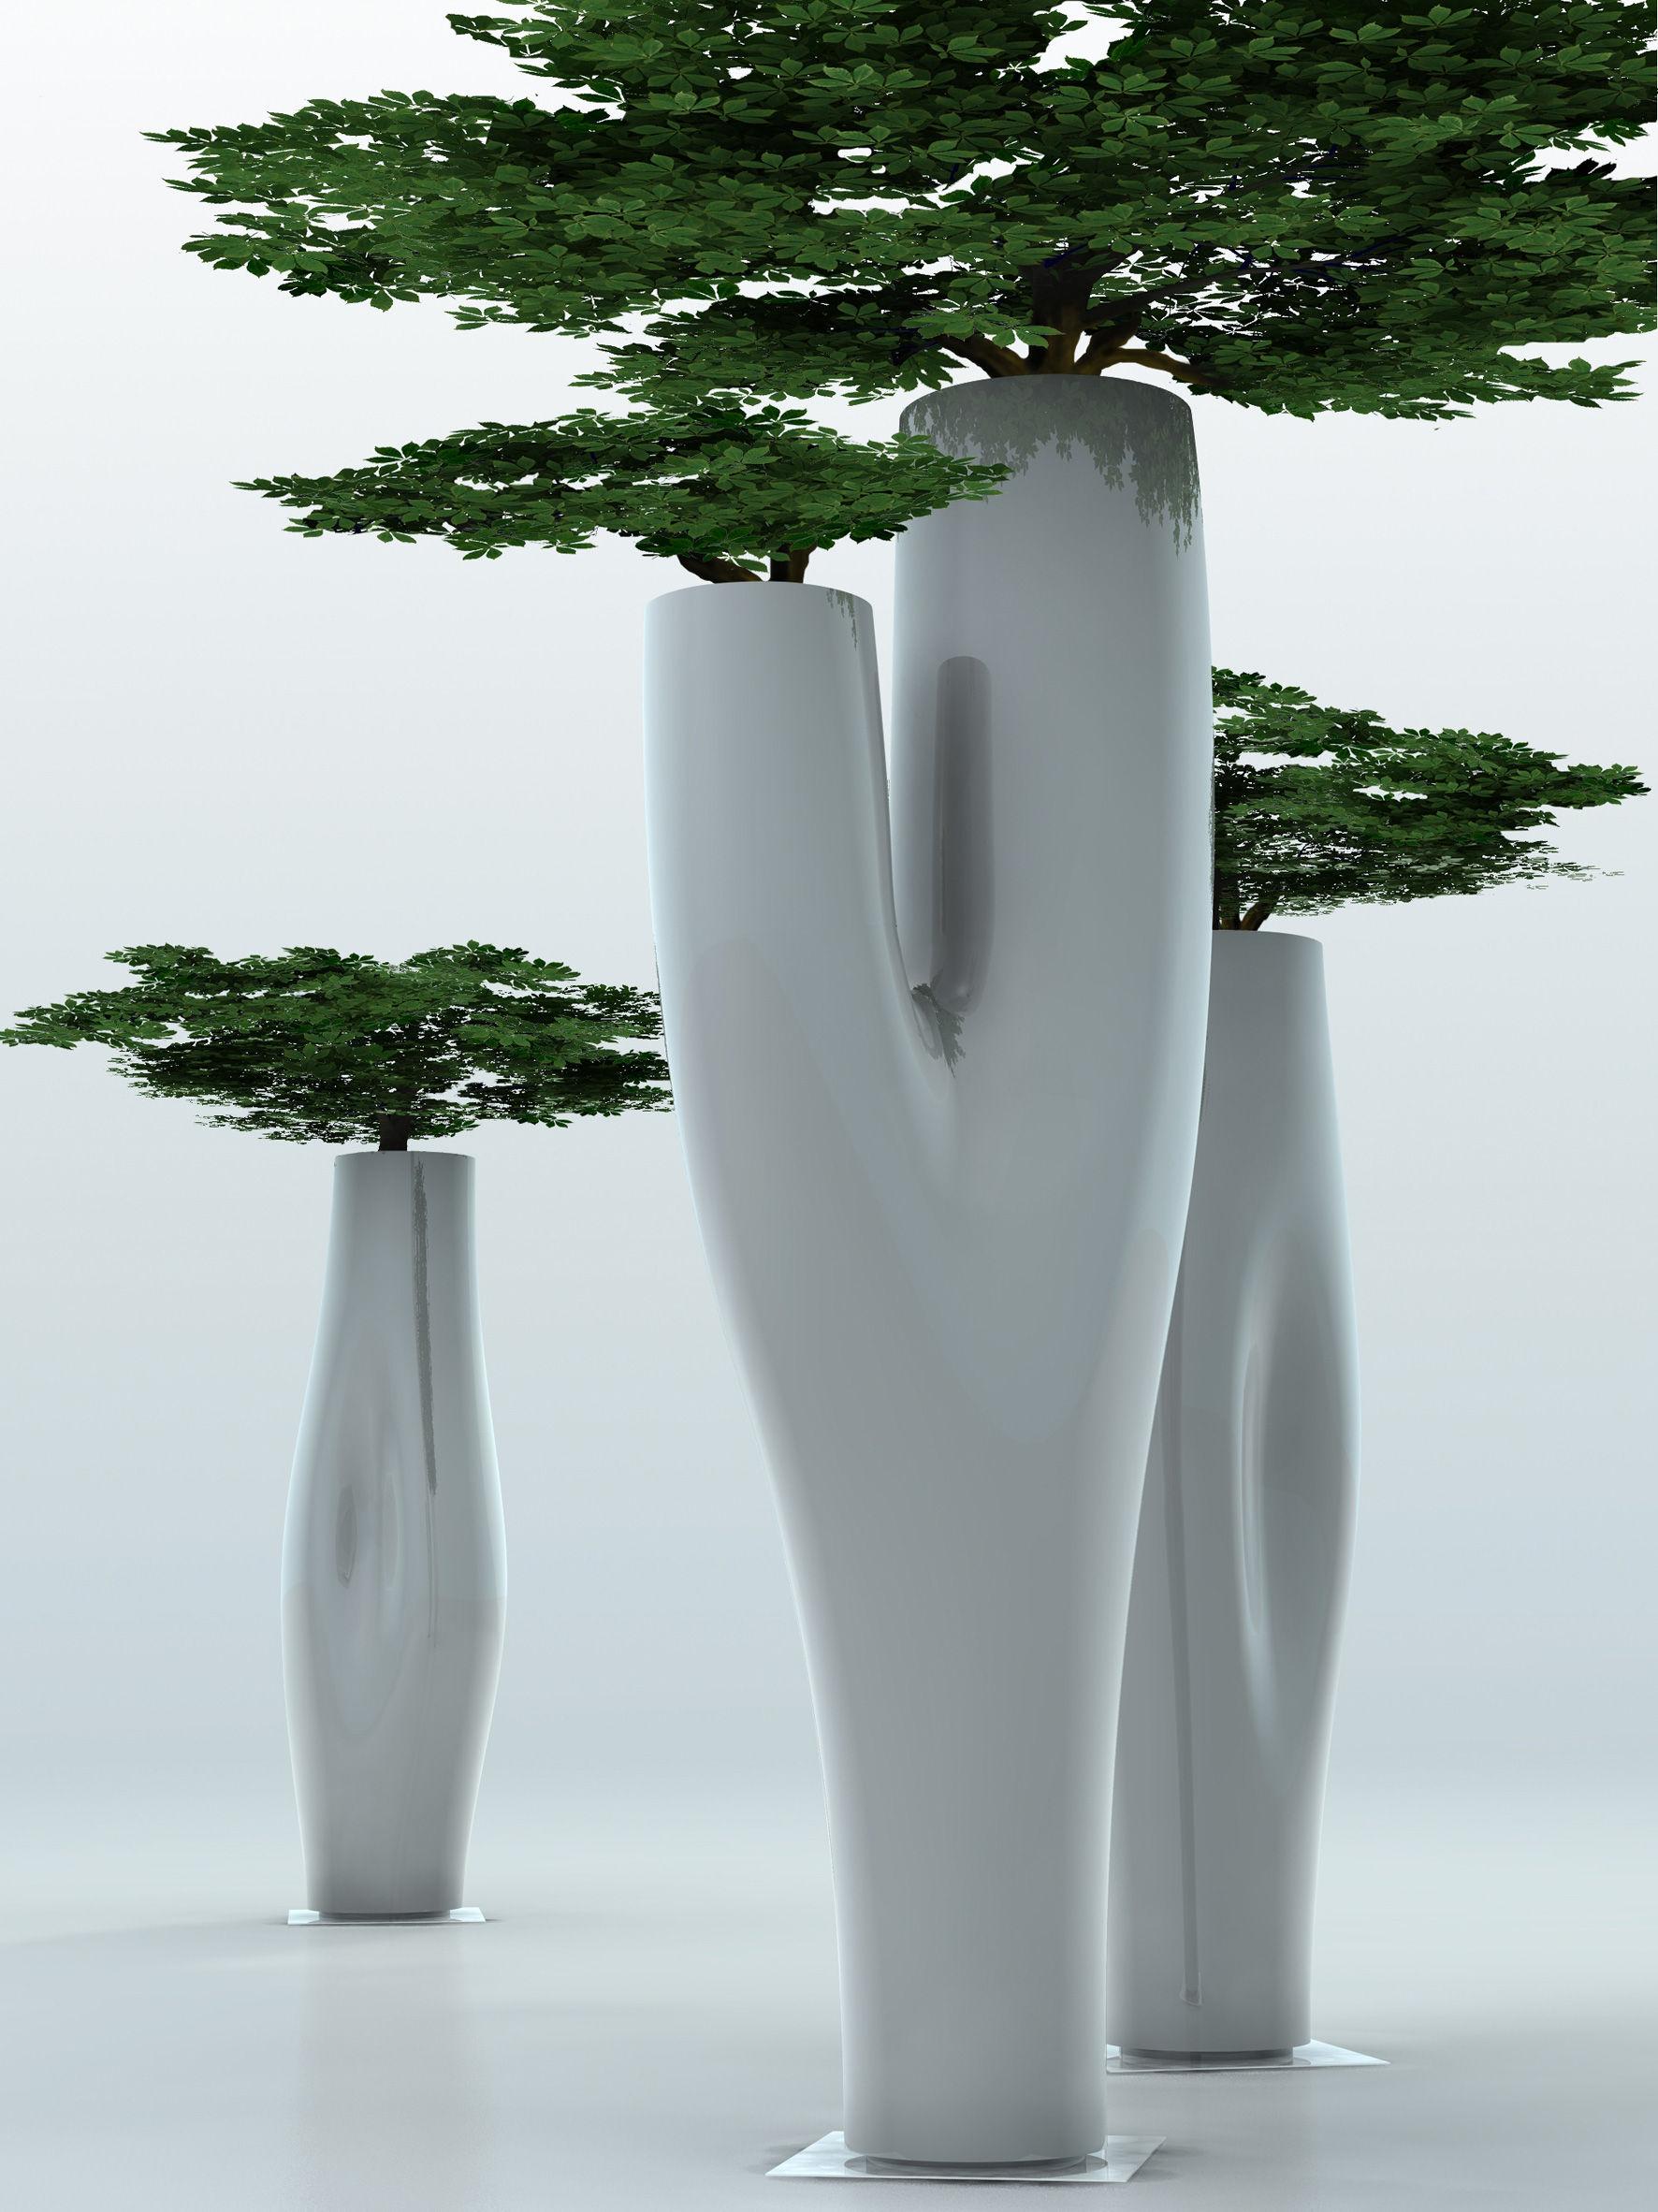 Scopri Vaso per fiori Missed tree II, Nero opaco di Serralunga ...